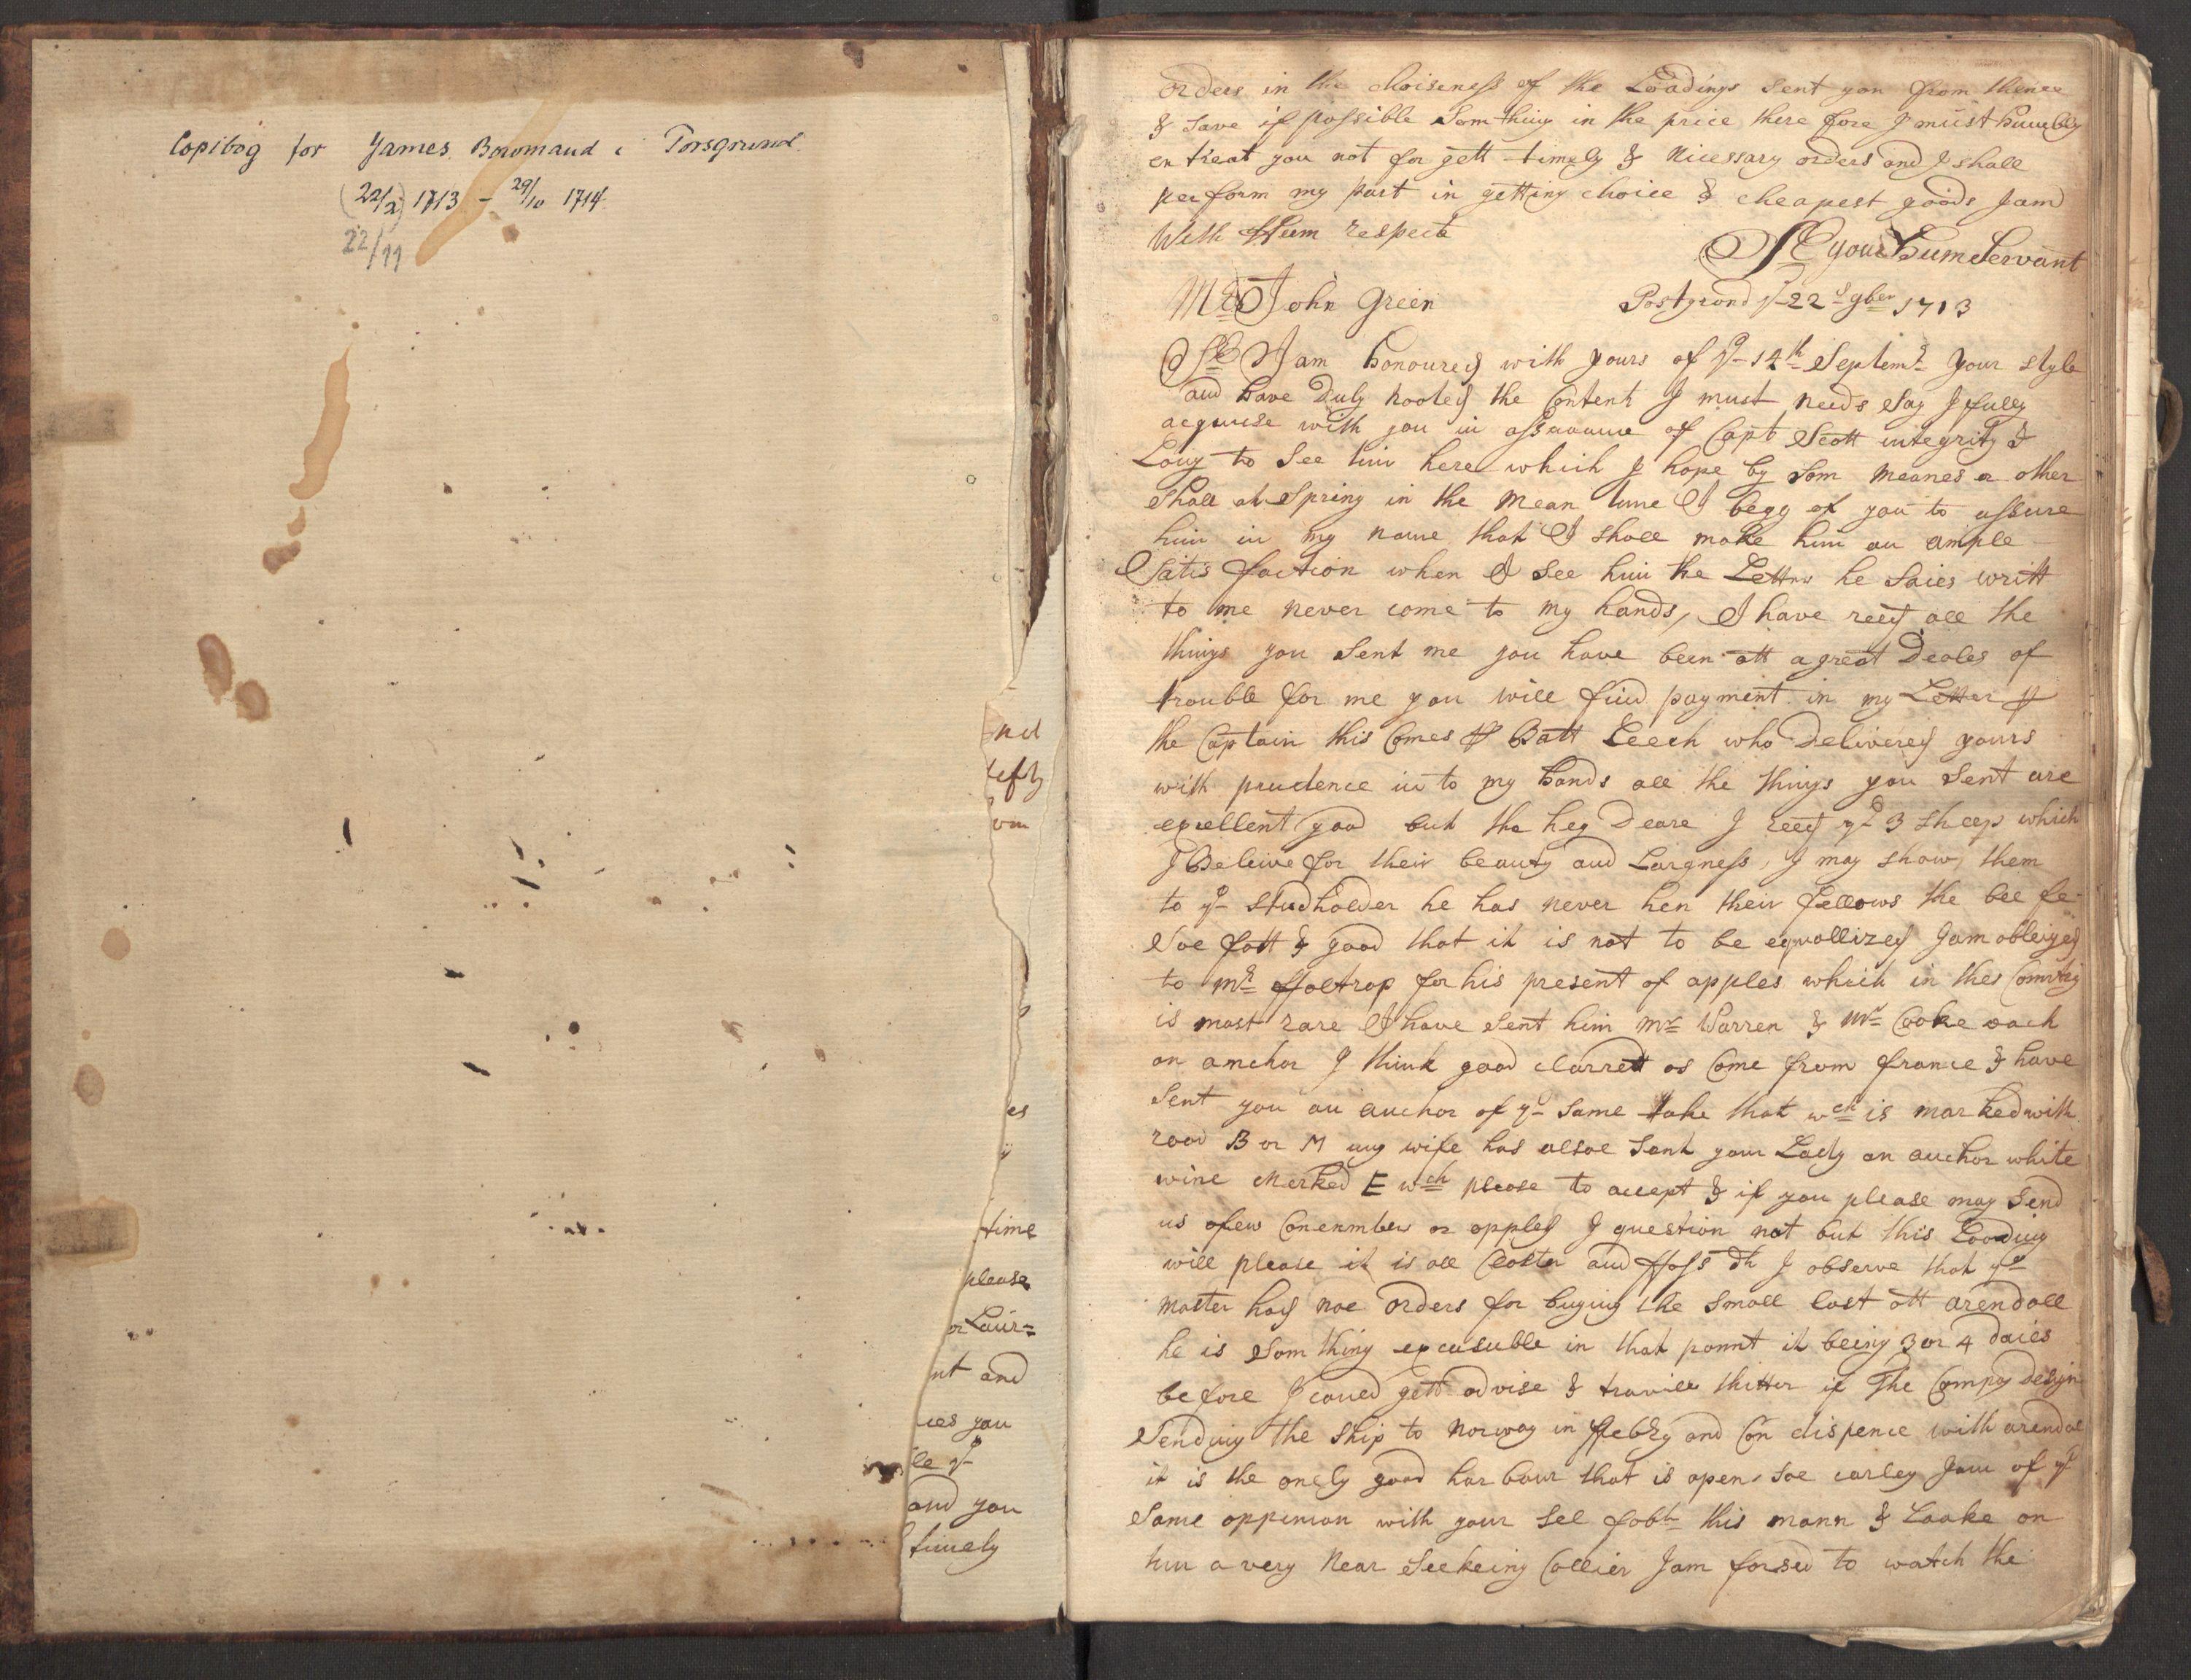 RA, Bowman, James, B/L0001, 1713-1714, s. 3